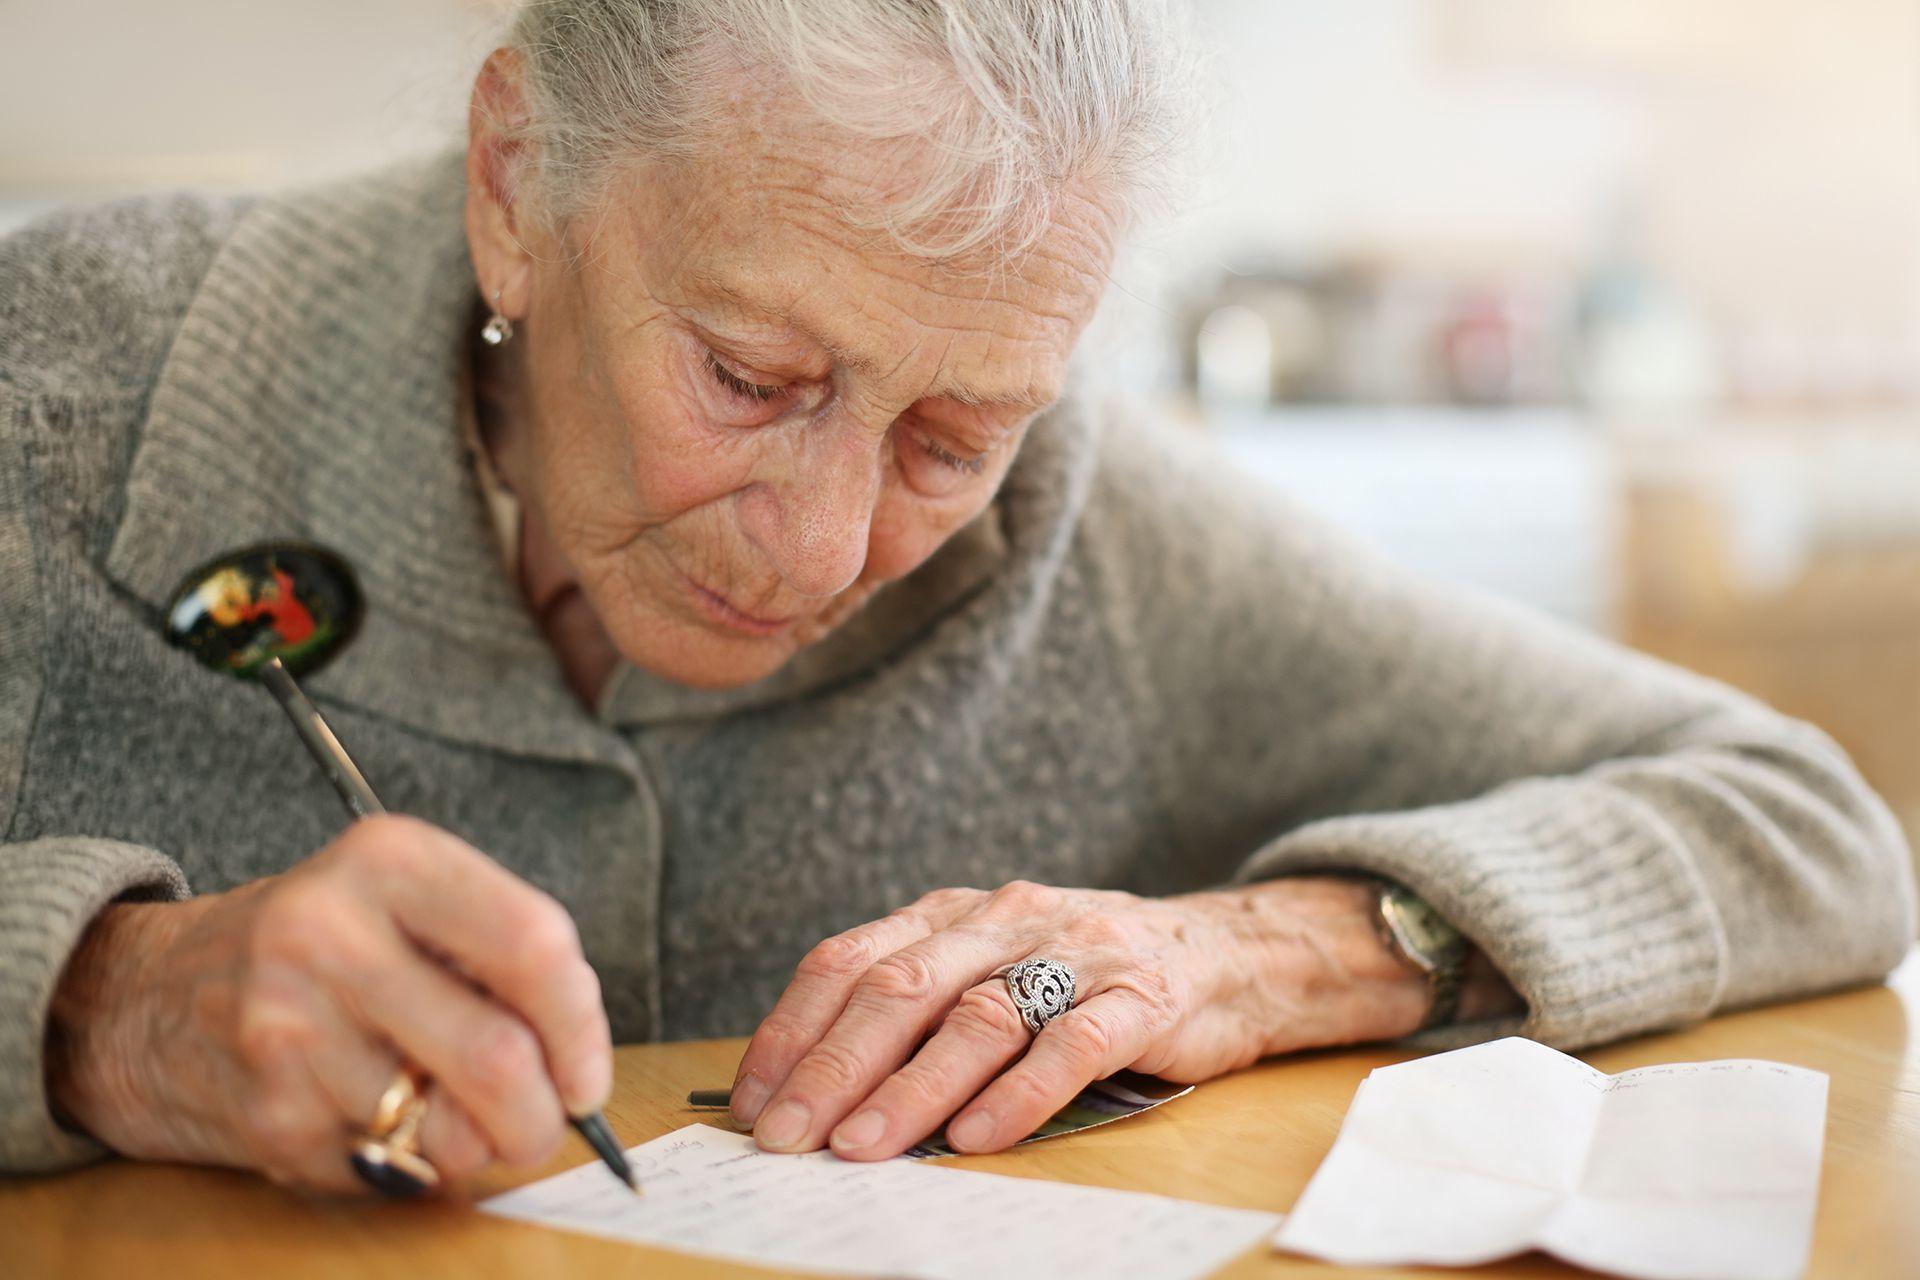 acompañamiento extramuros adulto mayor escribiendo